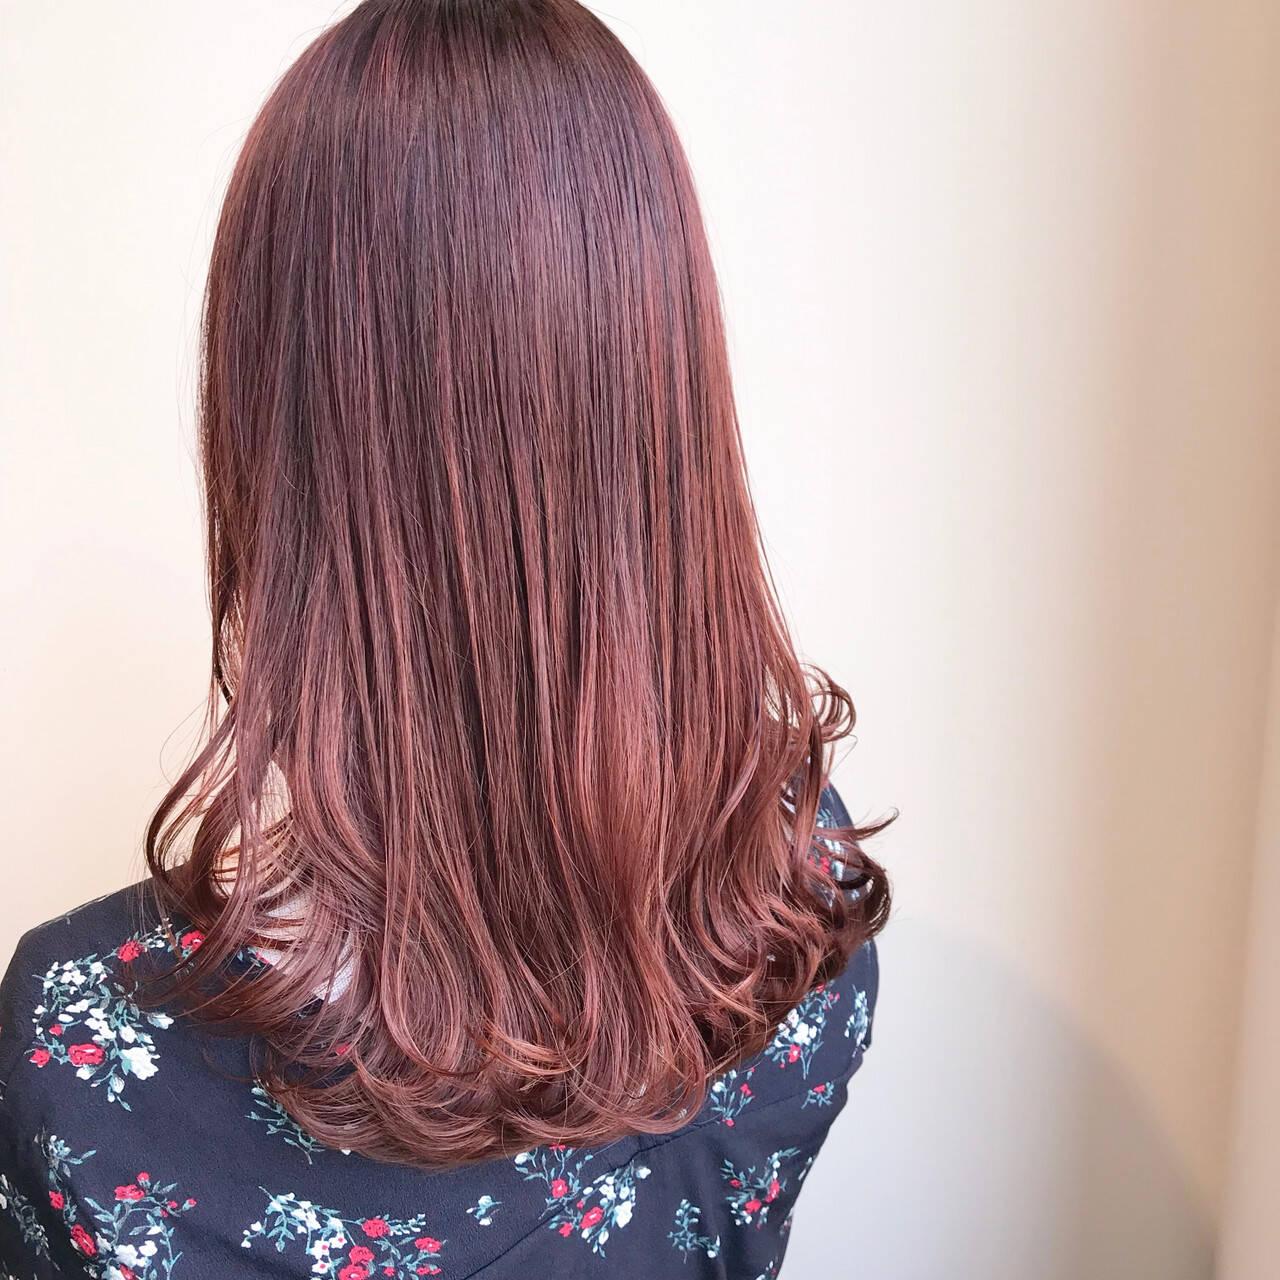 フェミニン 透明感カラー ピンクバイオレット セミロングヘアスタイルや髪型の写真・画像